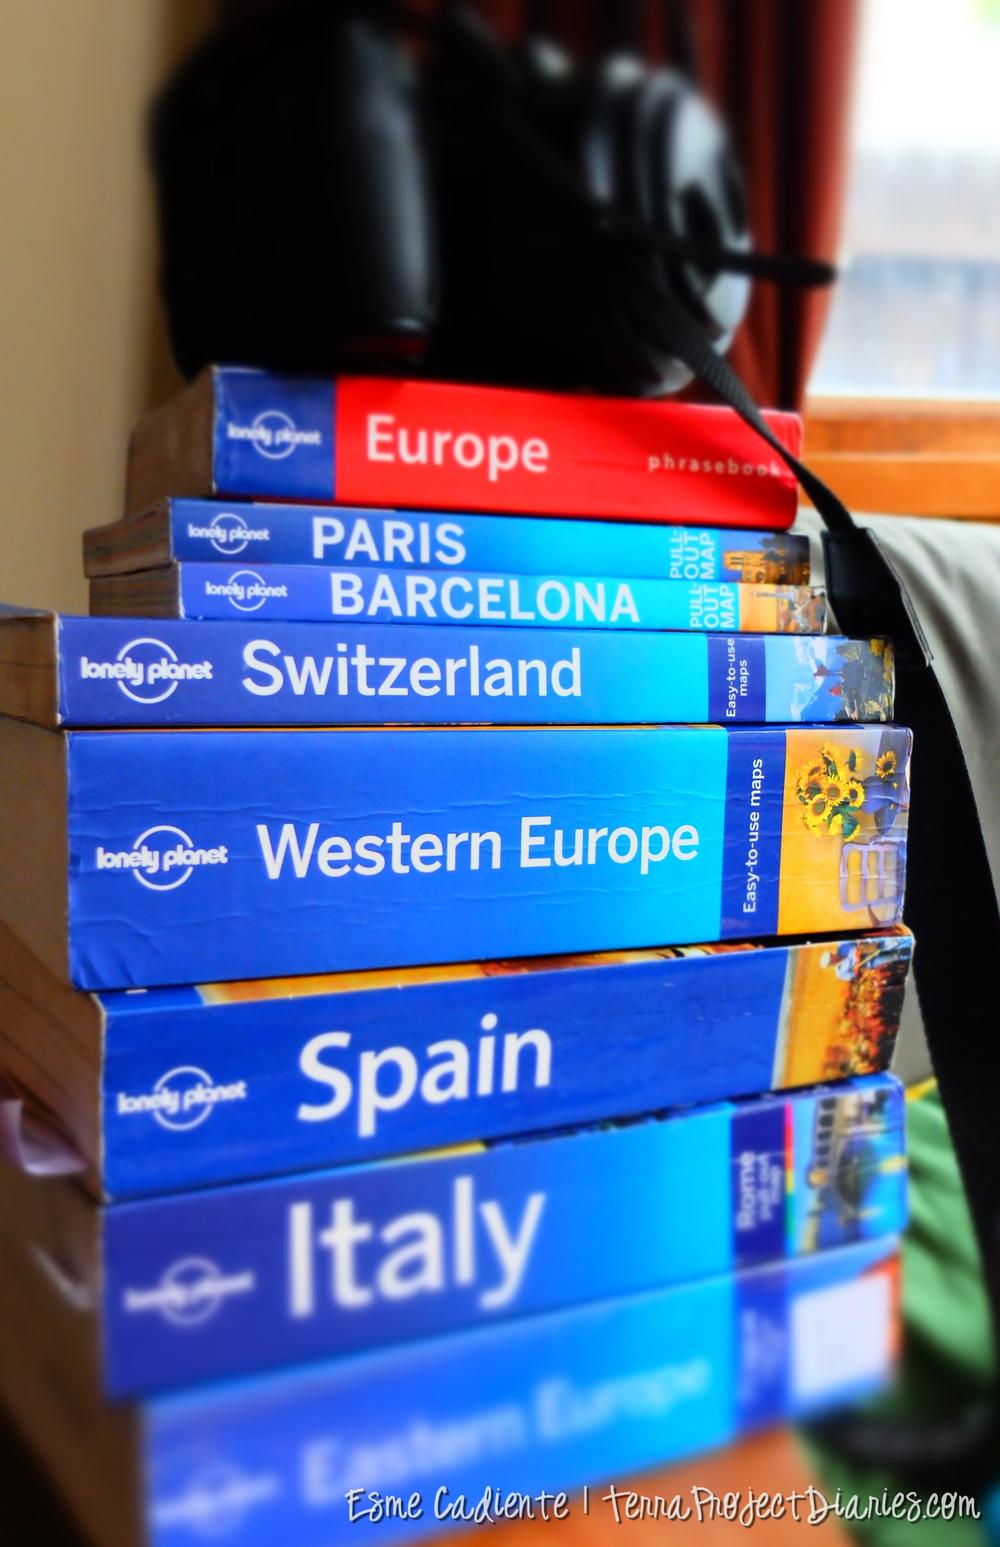 Preparing for a Euro trip